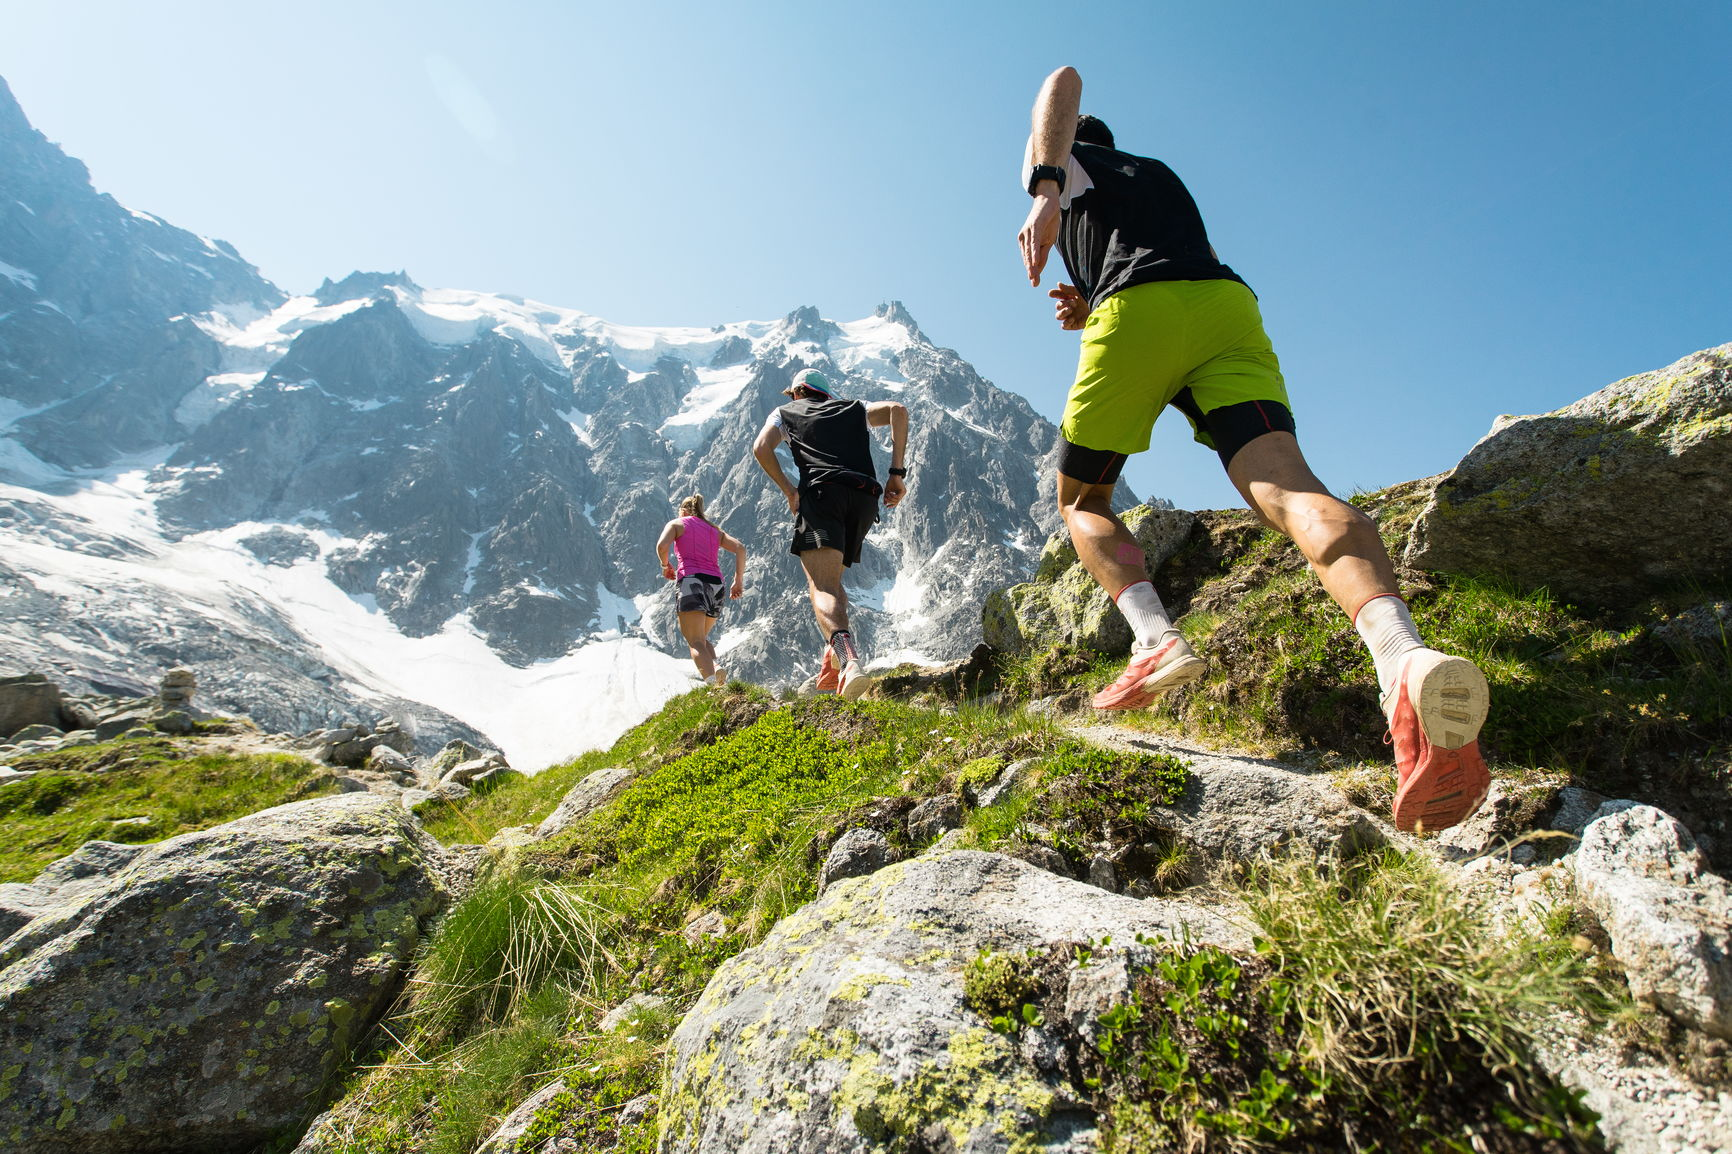 løping treningseffekt